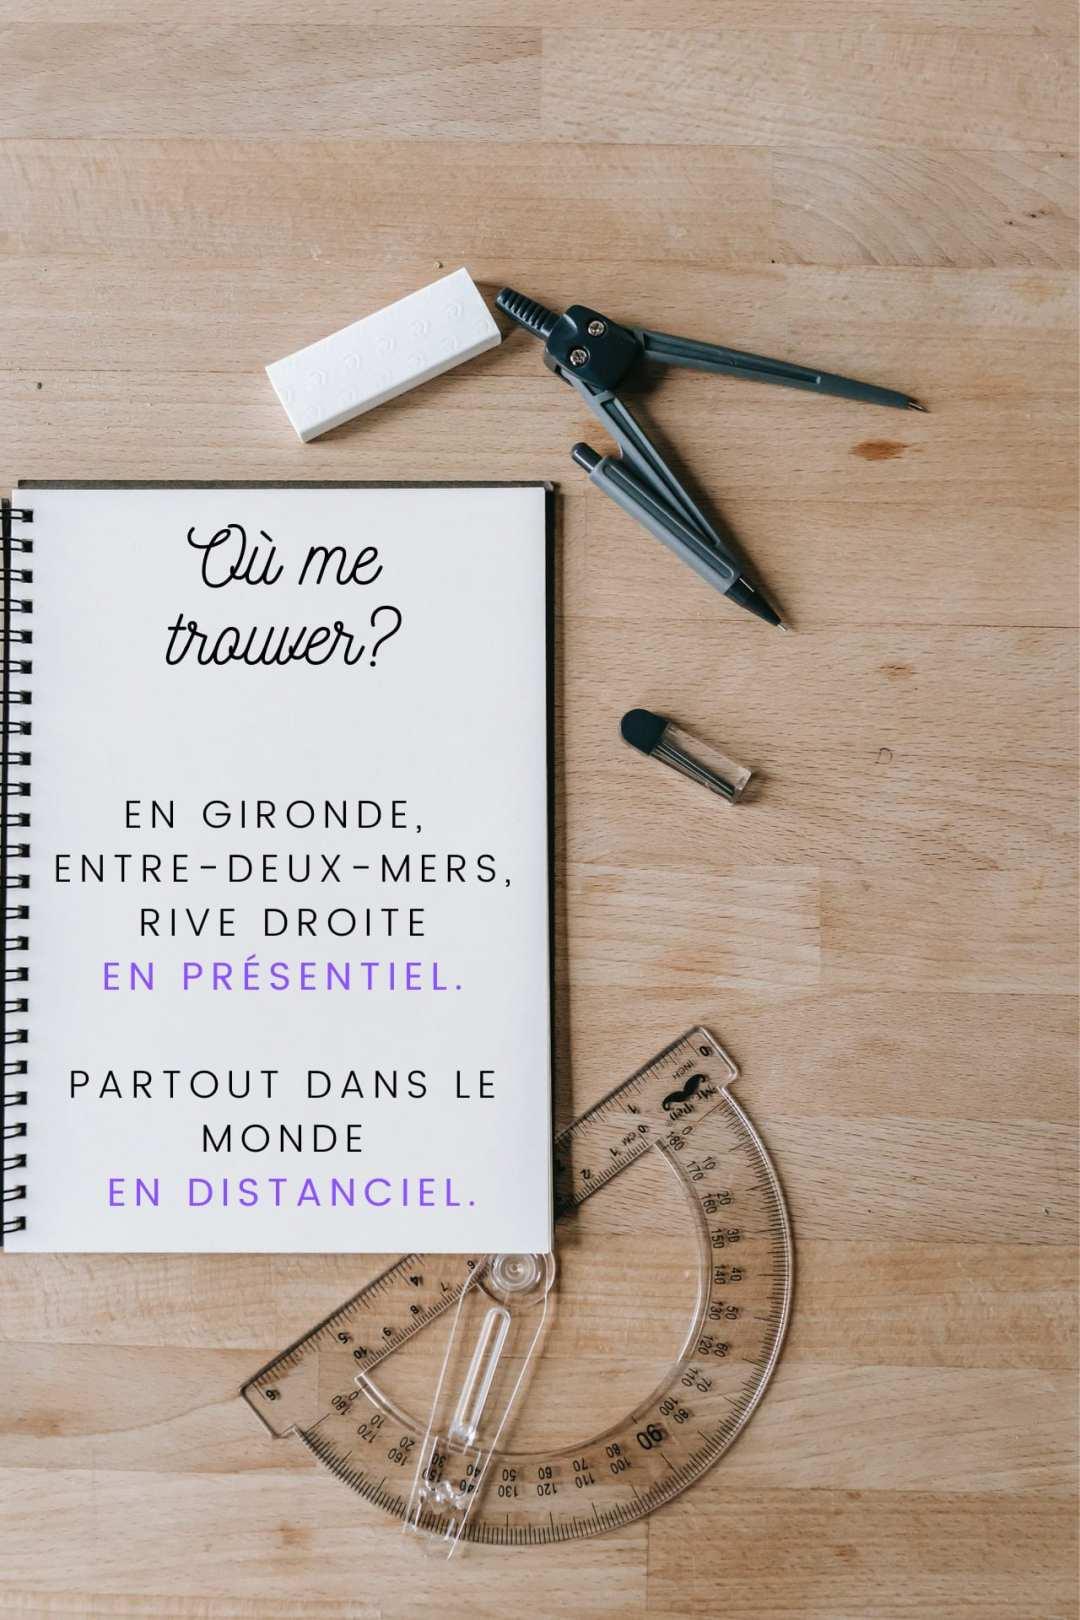 Carnet indiquant les lieux où je me déplace, la Gironde, l'entre deux mers, la rive droite.